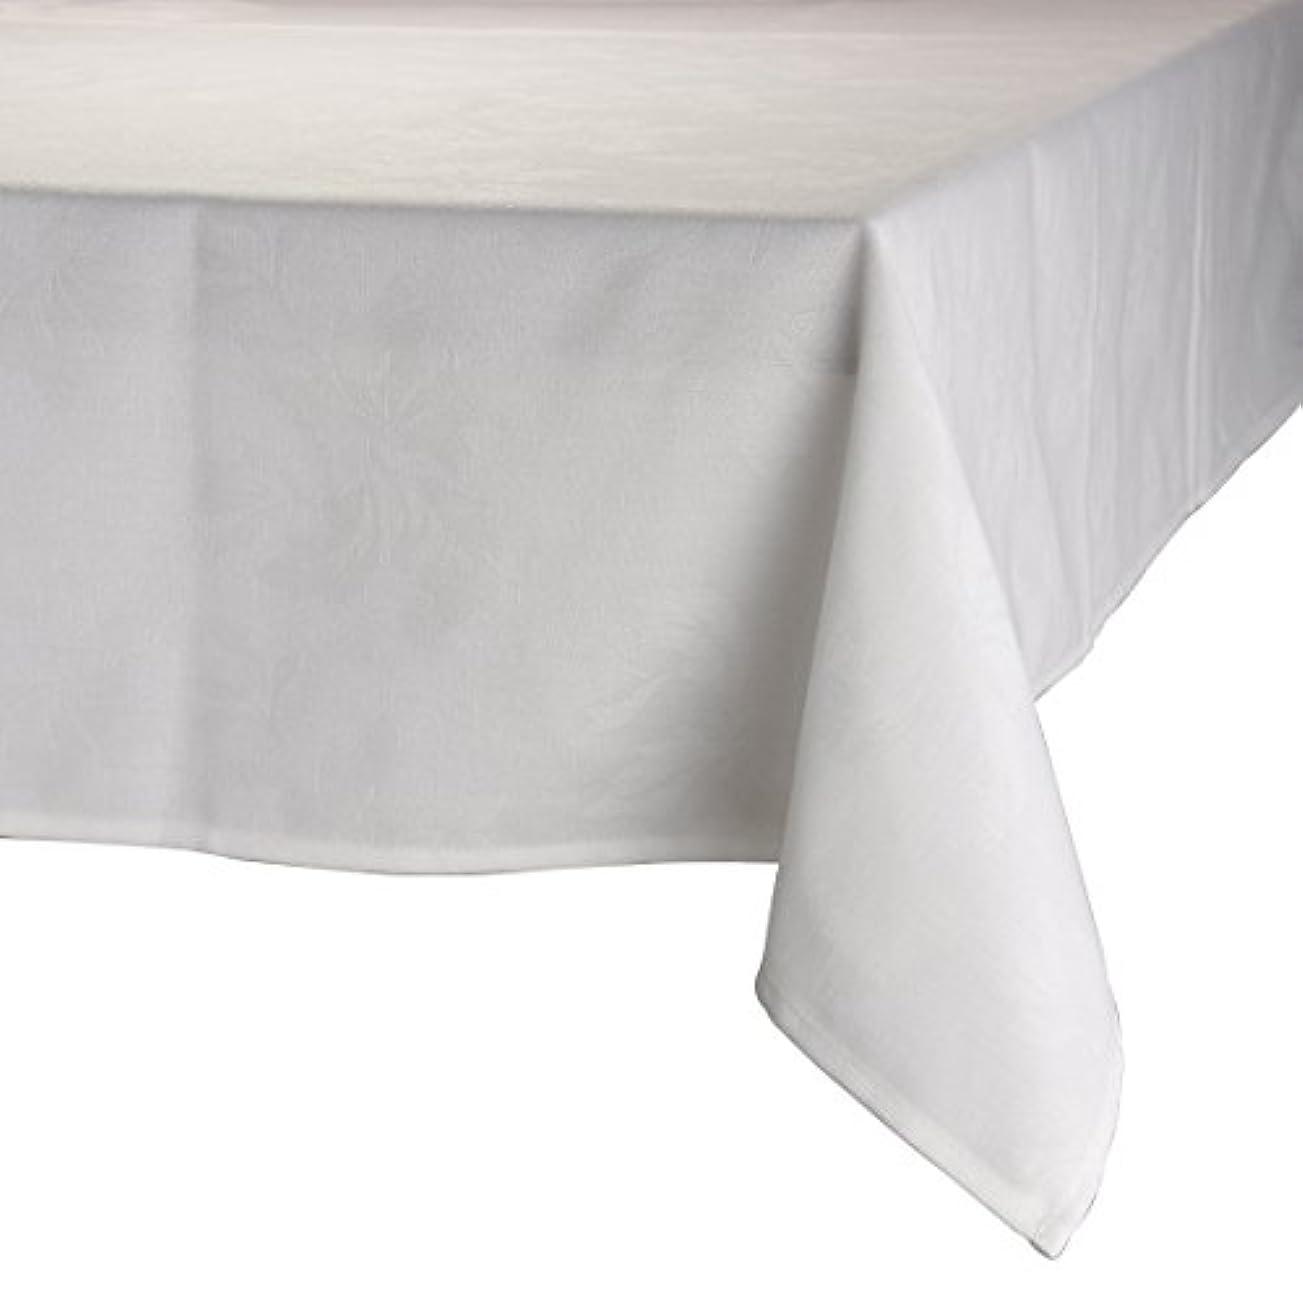 上がるロック登場MAJEST(マジェスト) テーブルクロス 長方形150cmx260cm 布地 ホワイト 花柄 繋なし 吸水タイプ